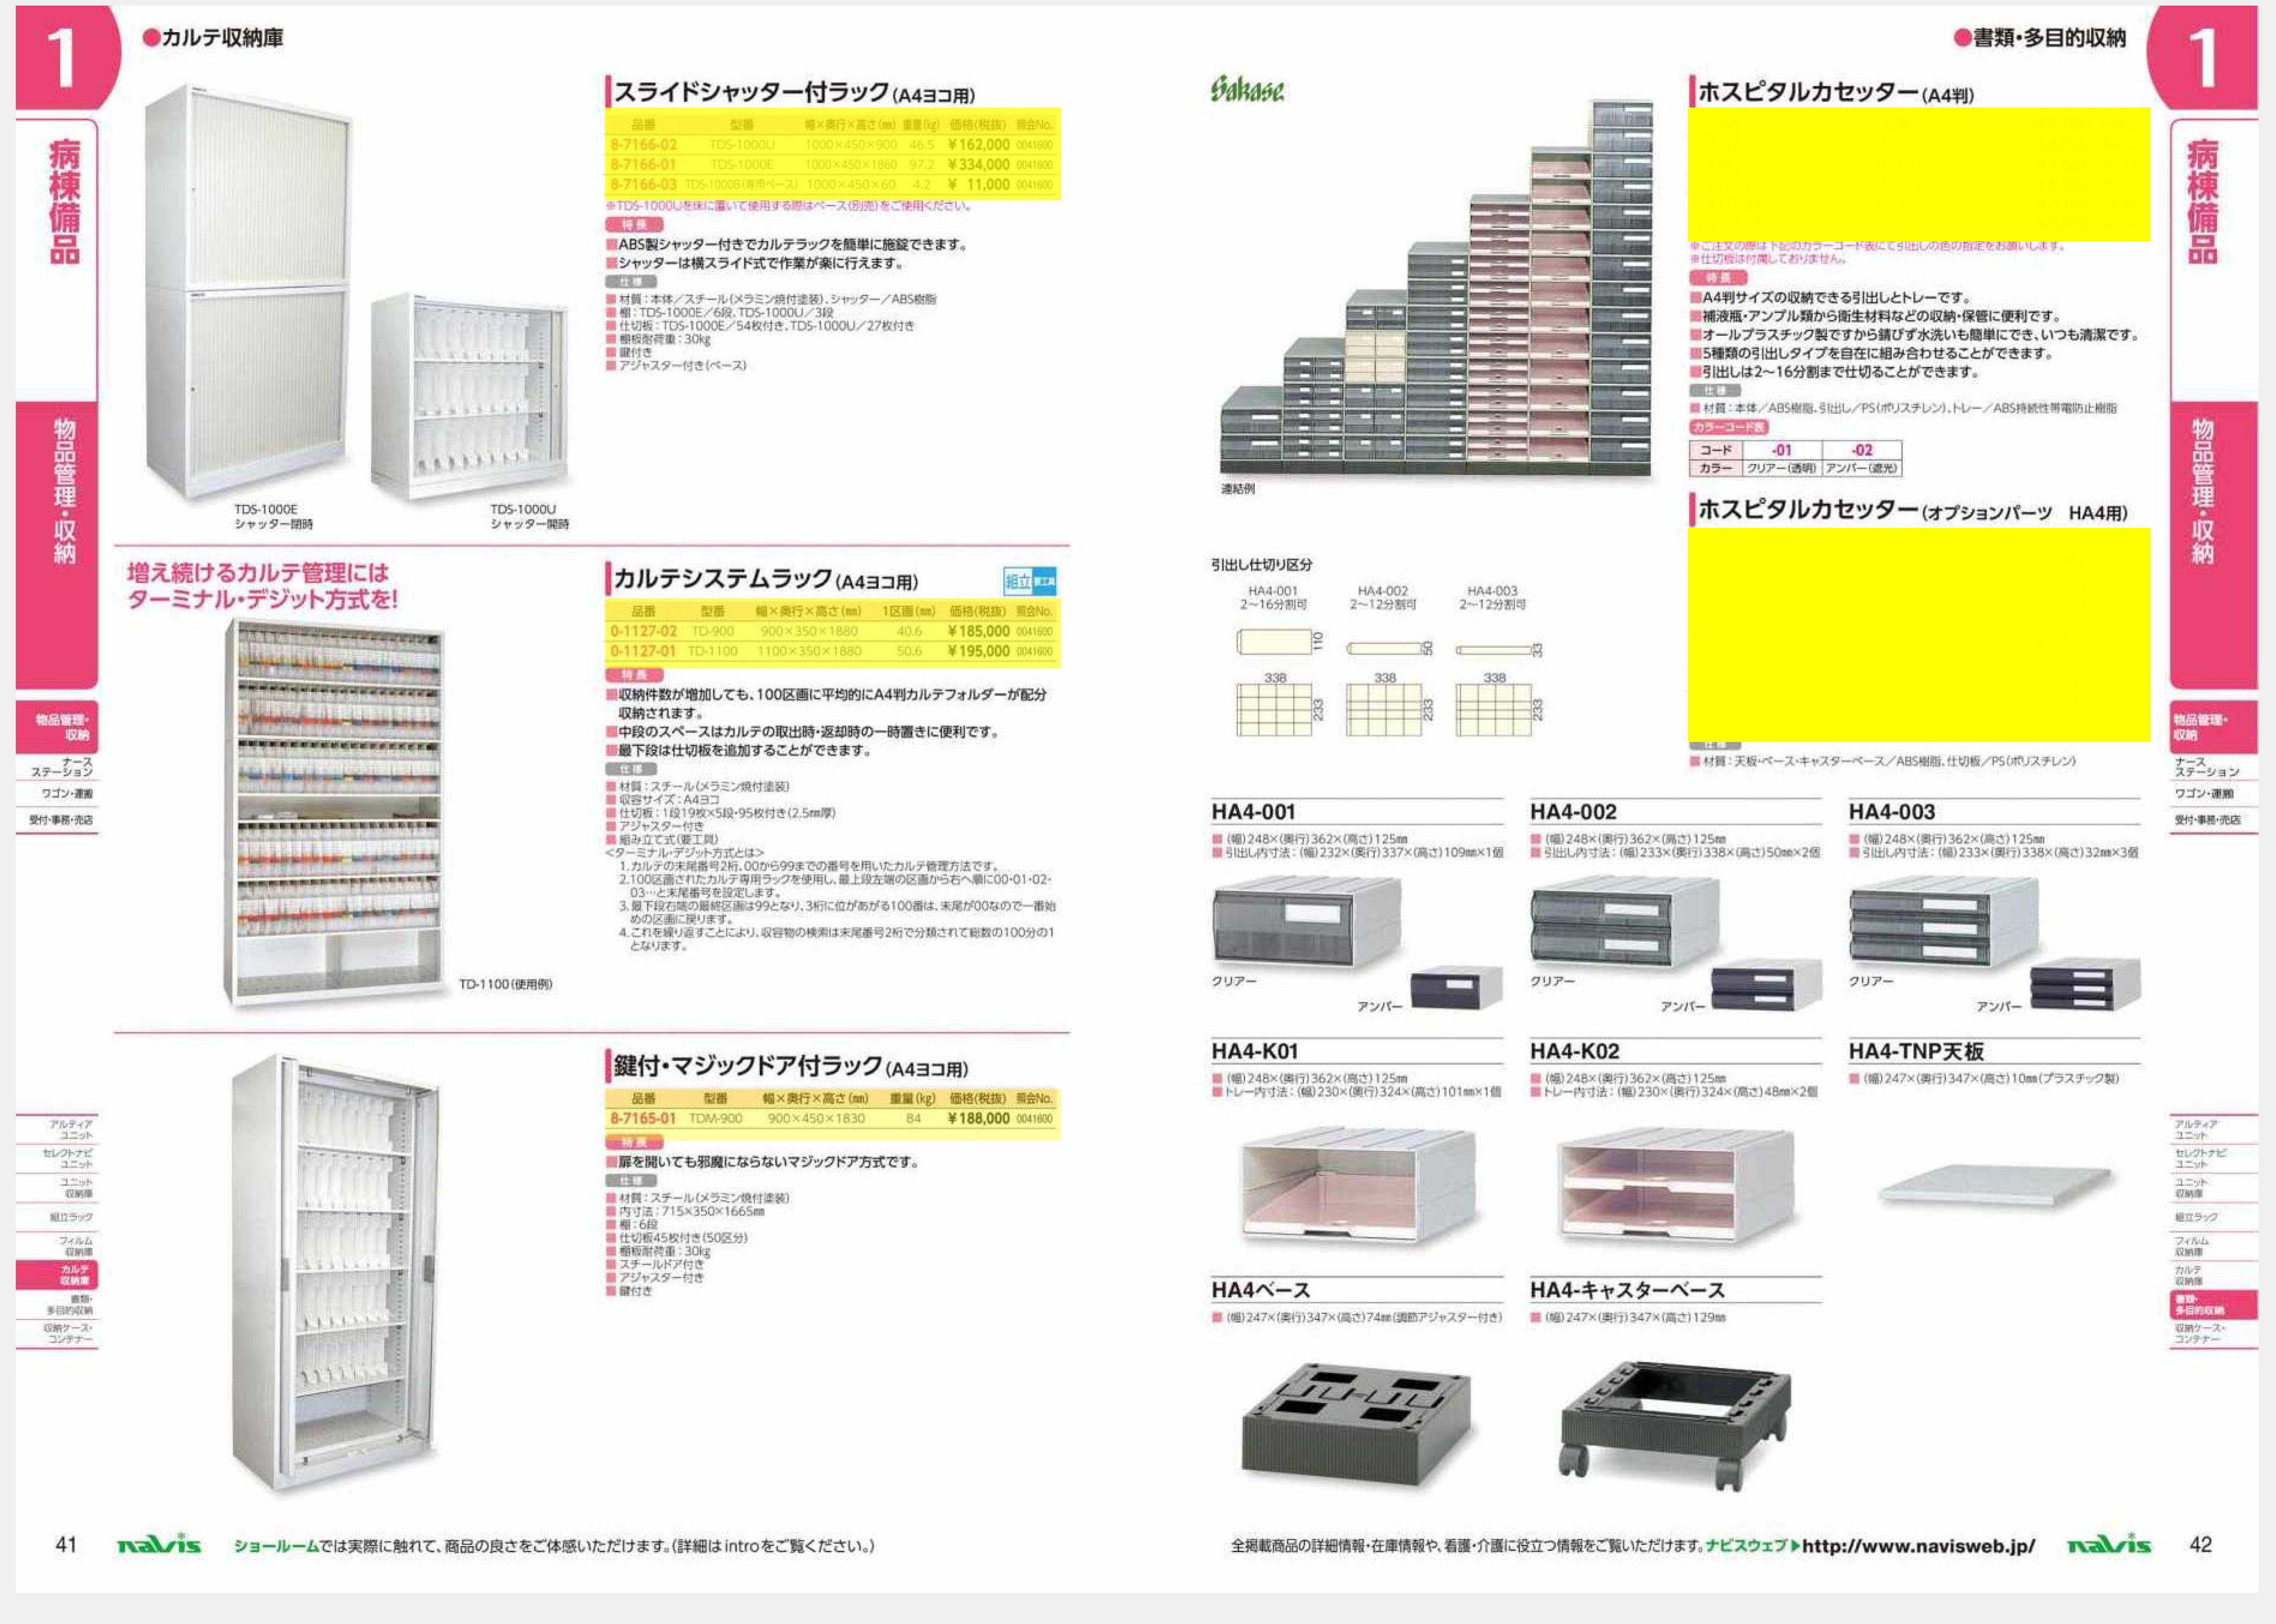 ナビス50000 サカセ 0-2474-01 ホスピタルカセッター(A4判)用天板 HA4−TNP 247×347×10mm[個](as1-0-2474-01)